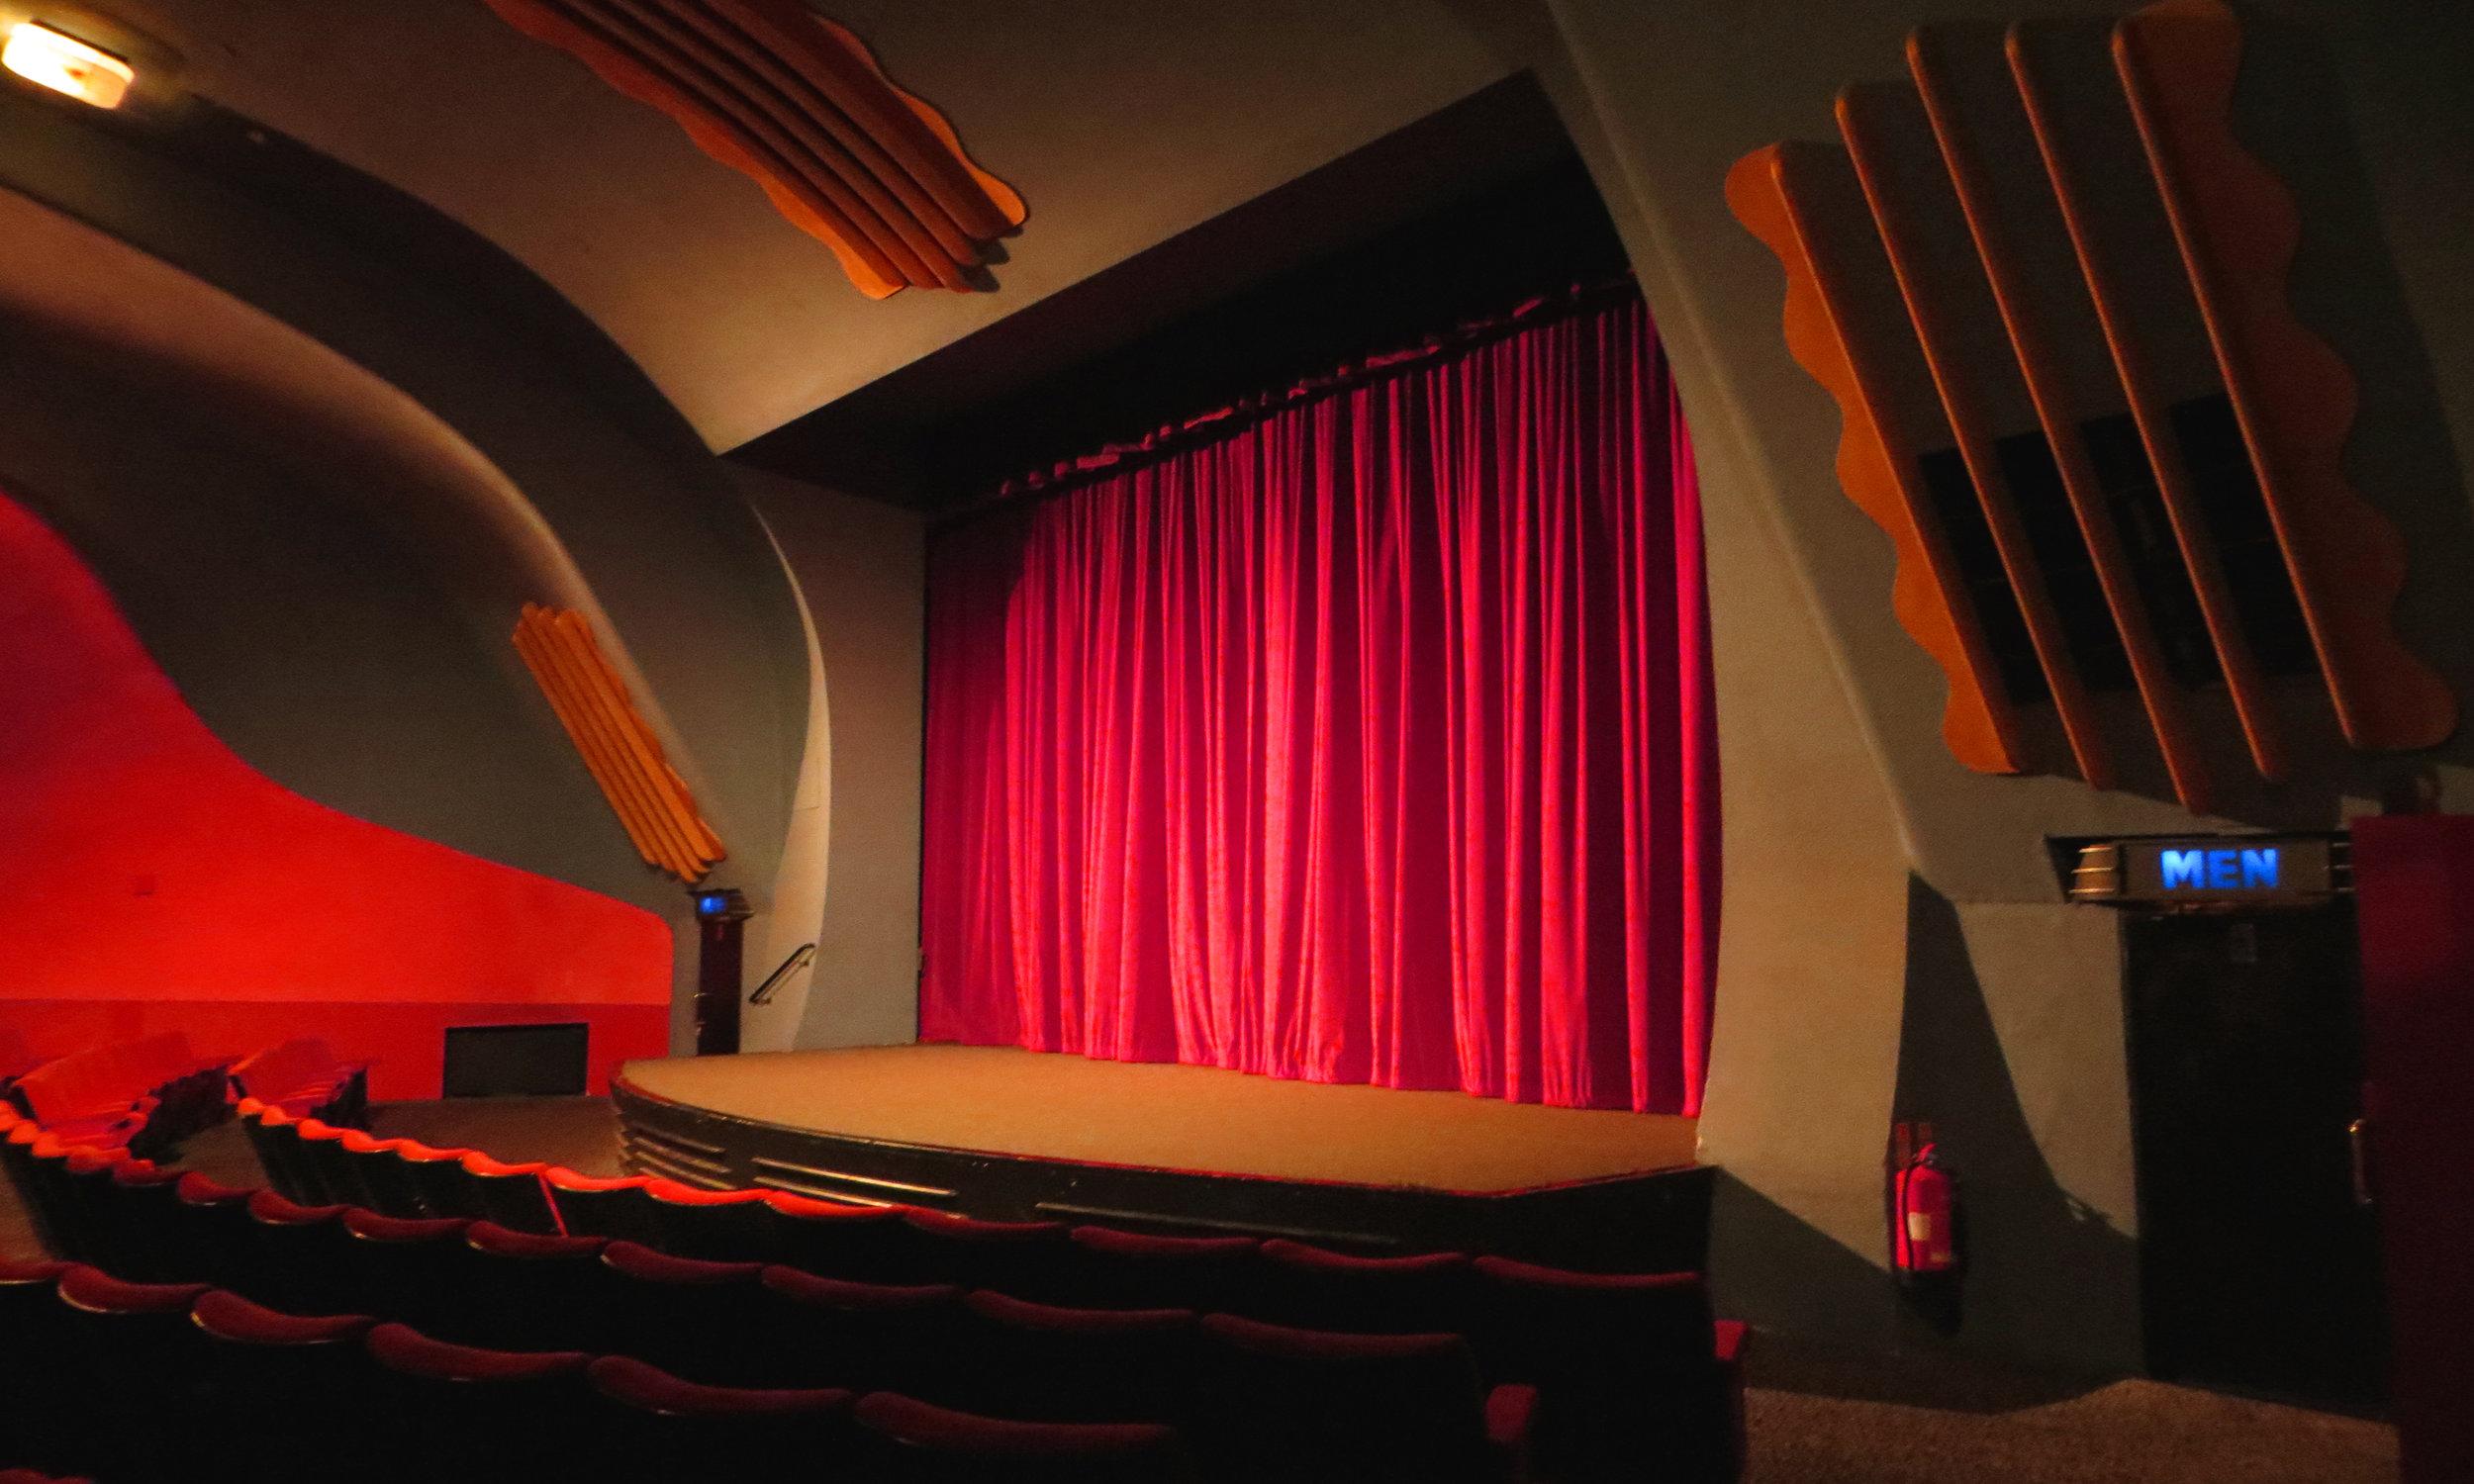 rio cinema dalston auditorium.jpg